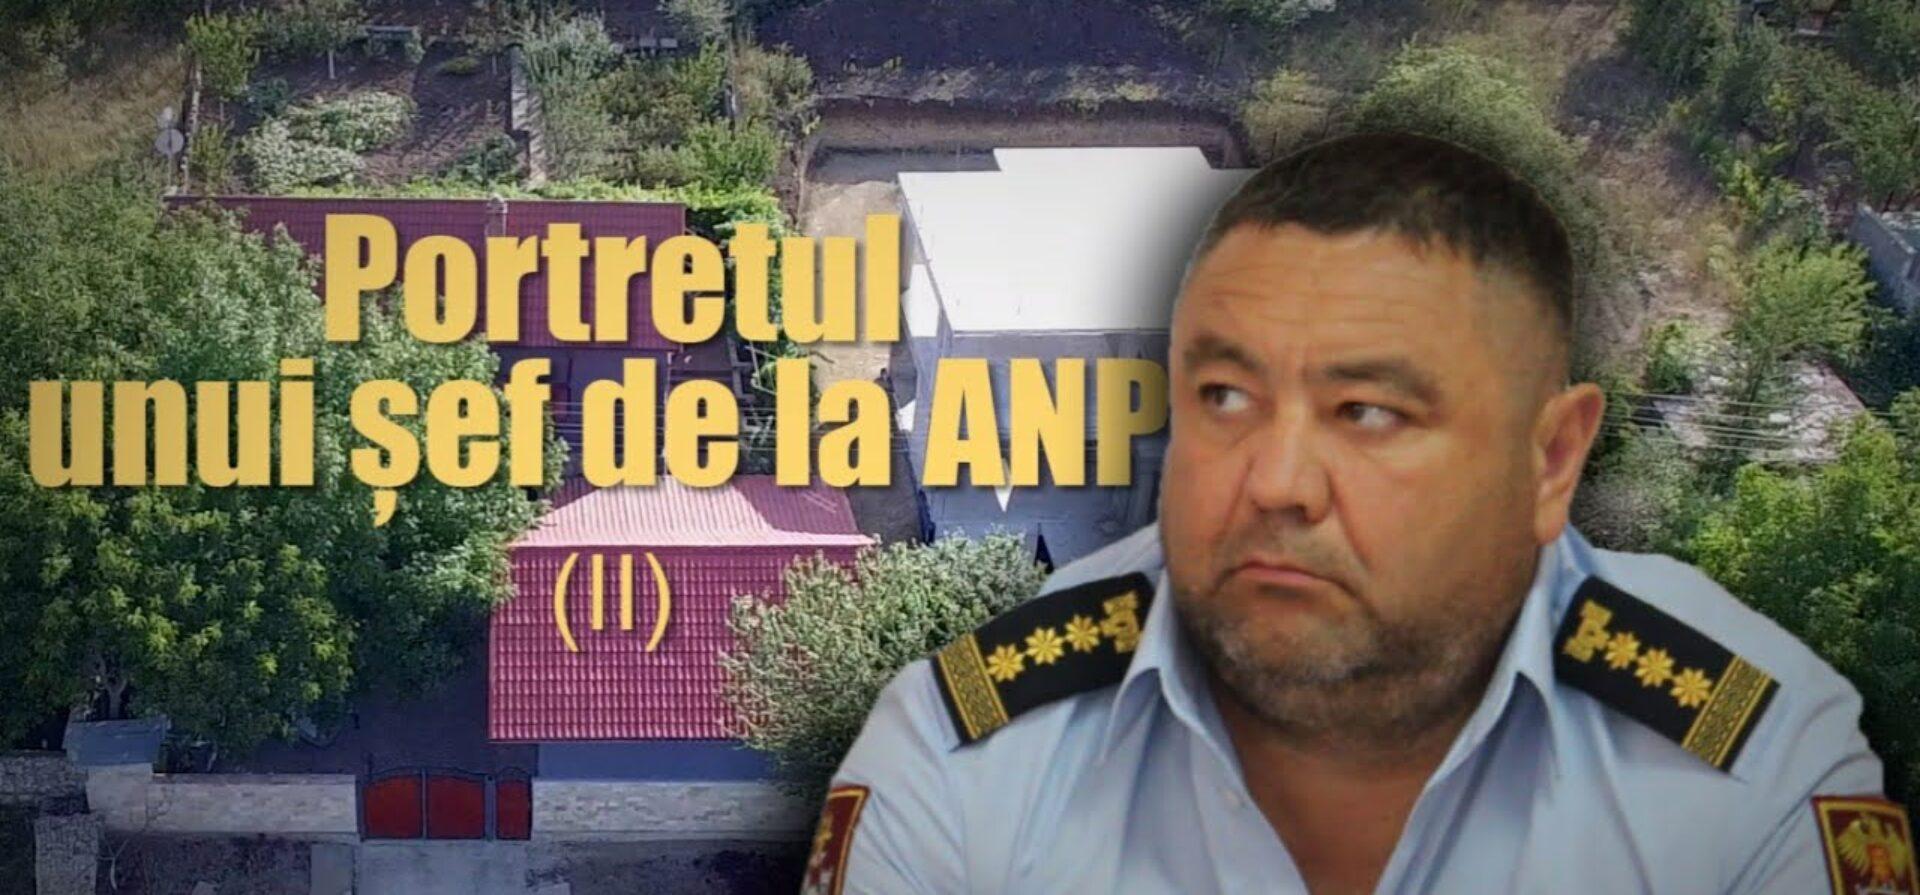 VIDEO/ Portretul unui șef de la ANP (II): încă o casă nedeclarată și indicații licențioase date unui subaltern